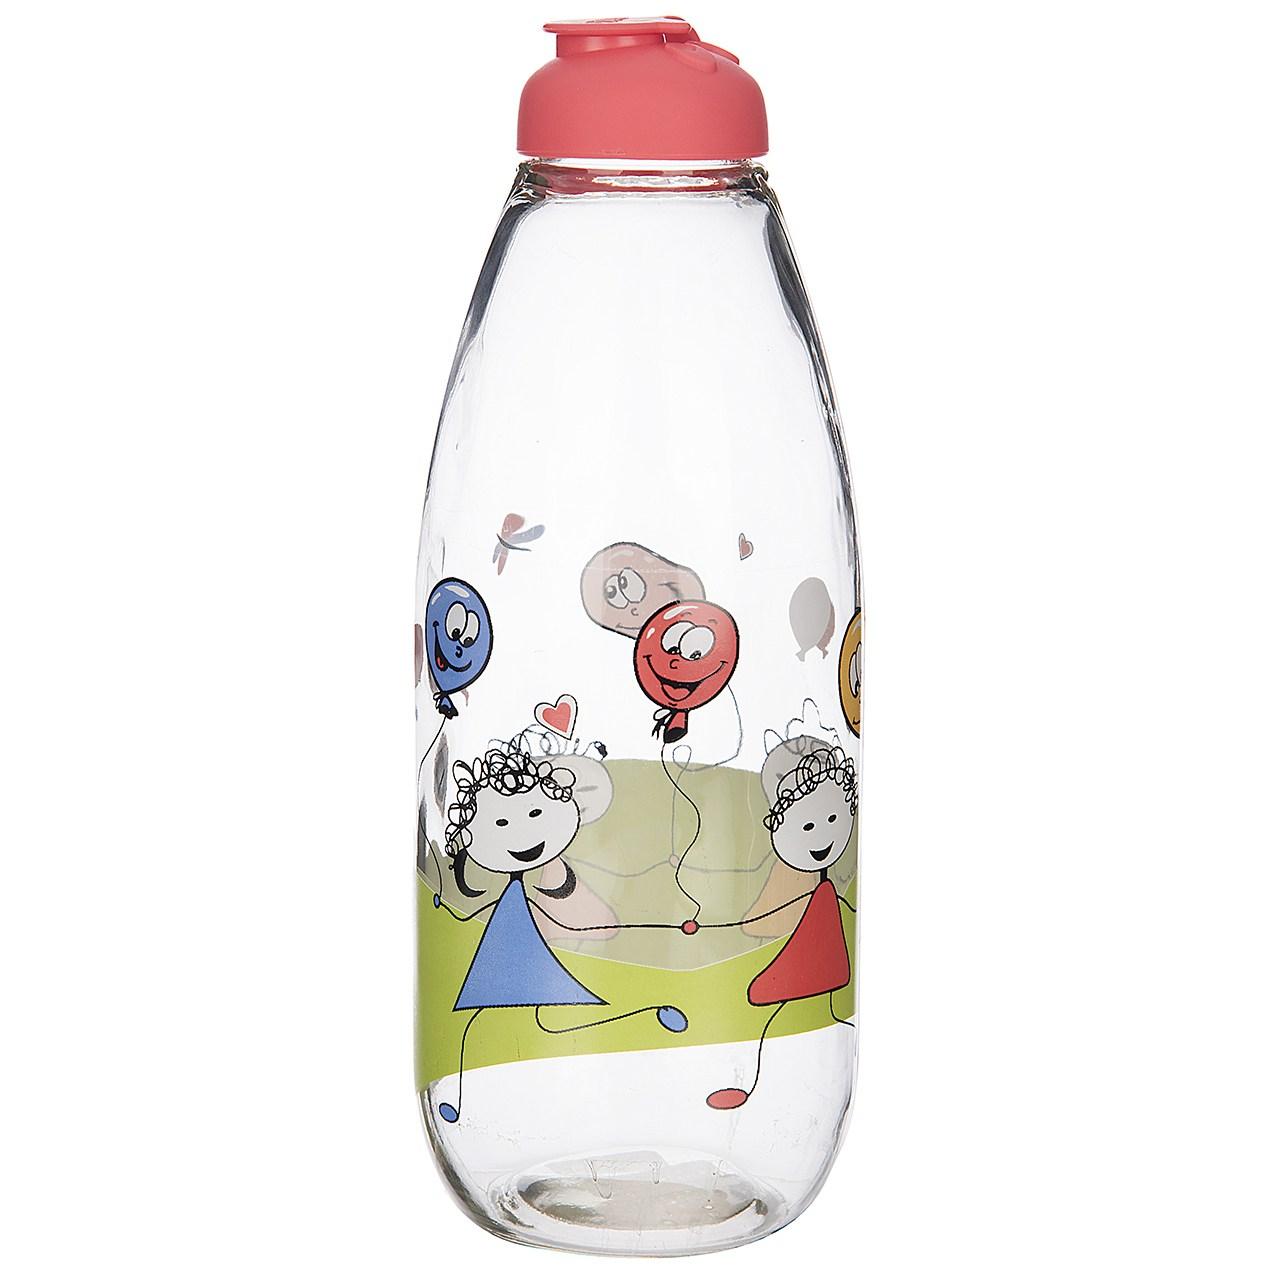 بطری زیباسازان مدل Pazen 09